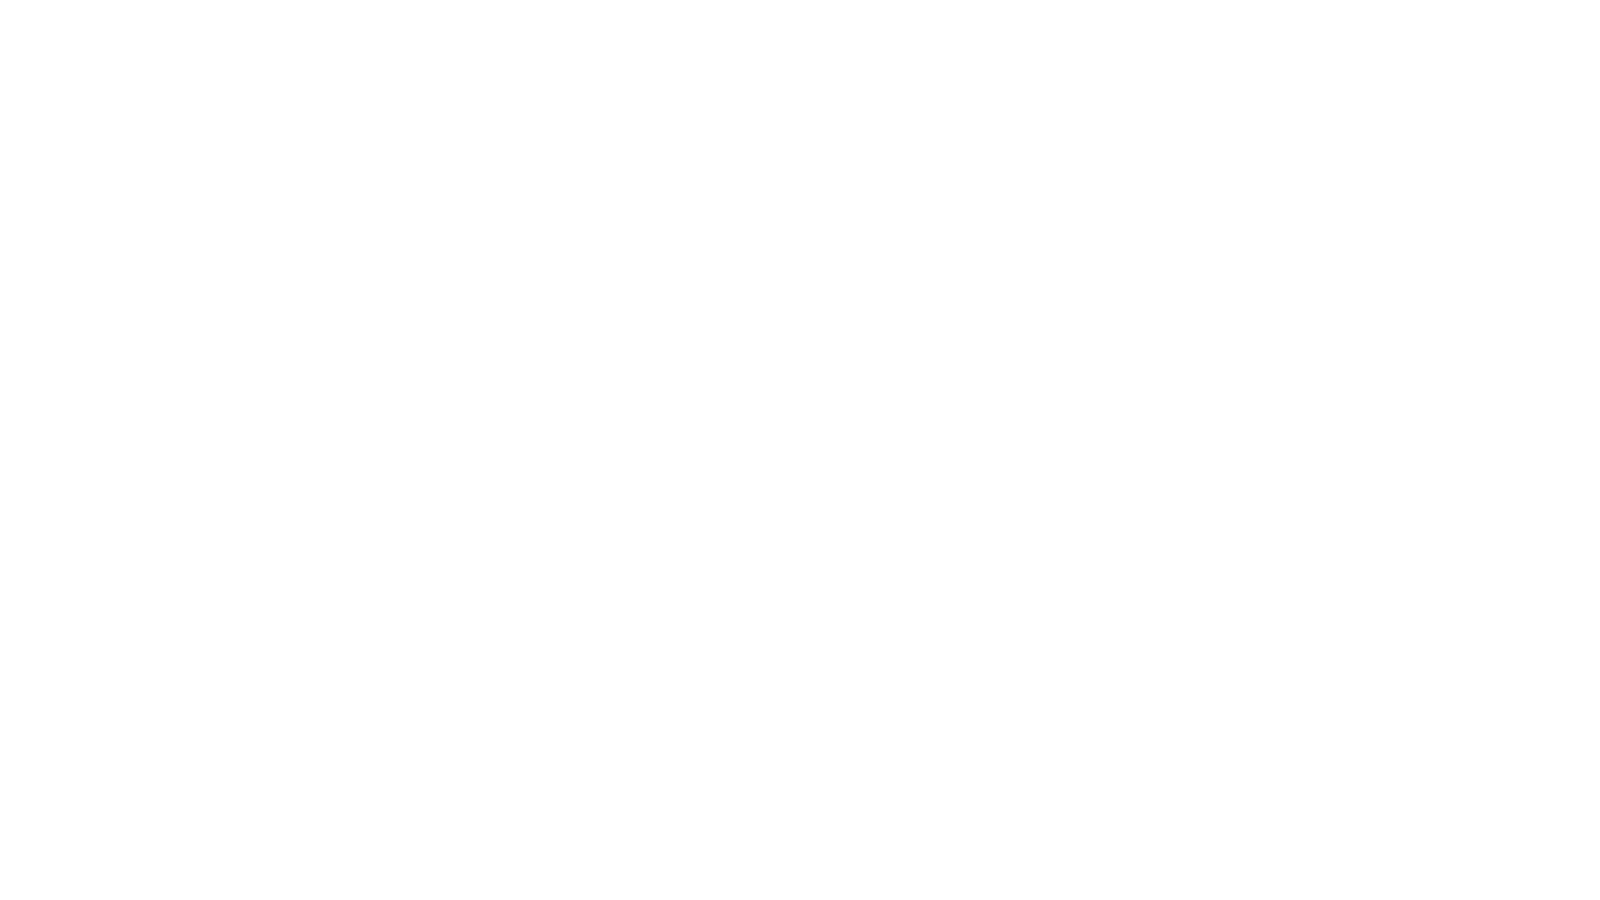 """Comment créer un CV freelance performant ? Découvrez les conseils de LeHibou pour optimiser votre CV et obtenir plus d'opportunités de mission. 🚀  Dans cette vidéo, notre CMO, Samy Thuillier détaille les 3 étapes pour réaliser un CV en béton.  Vous découvrirez les stratégies que les meilleurs freelances utilisent pour réaliser un CV optimisé qui leur permet d'obtenir facilement des missions tout en optimisant le temps consacré à leurs candidatures.  Abonnez-vous à la chaîne LeHibou : https://www.youtube.com/channel/UC8H0rMXR94HyhQe4ebVlSLg?view_as=subscriber?sub_confirmation=1  🔥 Trouvez une mission freelance sur #LeHibou : https://www.lehibou.com  Pour suivre LeHibou sur LinkedIn : https://www.linkedin.com/company/lehibou/ Pour suivre Samy sur LinkedIn : https://www.linkedin.com/in/samythuillier/  Le programme de la vidéo """"Comment faire un bon curriculum vitae freelance"""" :  ⭐ 3' sur les règles d'or du CV freelance ⭐ 3' sur la méthode pour évoquer vos compétences techniques ⭐ 4' sur les bonnes pratiques pour sortir du lot et obtenir des missions freelance sur une plateforme freelance comme LeHibou  Créer son profil freelance et faire son CV gratuitement n'est pas toujours évident… Surtout, lorsque les recruteurs ou les entreprises intéressées par des freelance informatique ne vous donnent pas plus d'informations que cela.   Dans cette vidéo, Samy vous présente 3 étapes efficaces pour réussir à fixer facilement votre CV consultant rapidement et sans difficulté…   Vous apprendrez les règles d'or du CV indépendant, comment faire en sorte de bien parler de vos expériences professionnelles, mais aussi toutes les astuces pour sortir du lot et gagner plus facilement une mission freelance informatique sur une plateforme freelance.  Sur cette chaîne, on partage aussi des use cases, des webinars, des podcasts qui vous permettent de progresser dans votre activité freelance au quotidien. A très vite !  #CV #Freelance #LeHibou #CVFreelance #tutofreelance"""